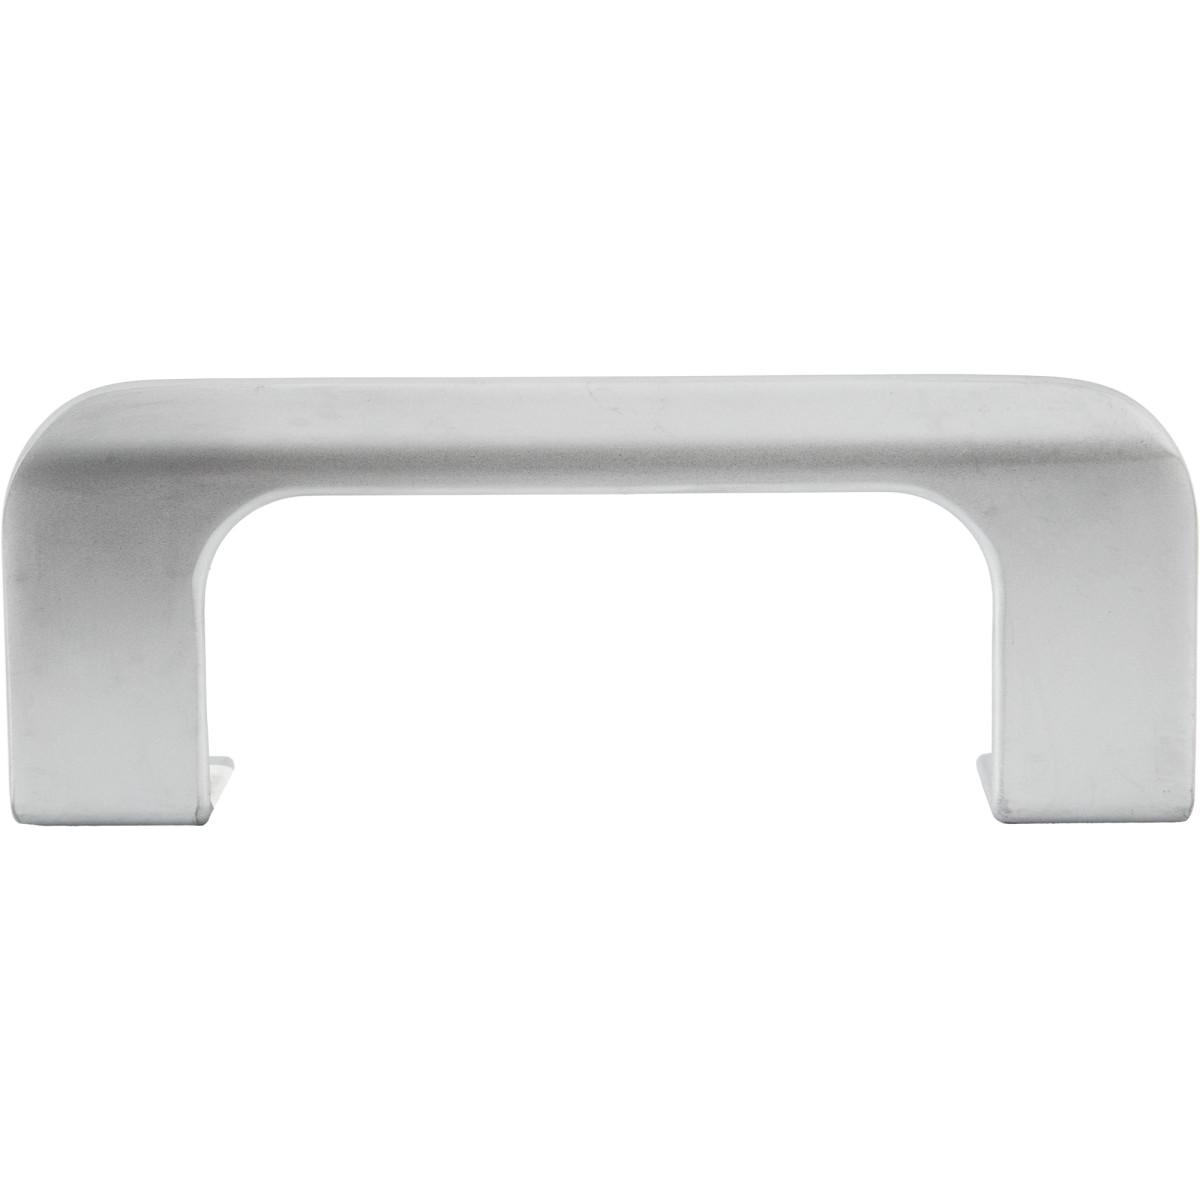 Ручка-Скоба Мебельная S-4150 96 Цвет Матовый Хром